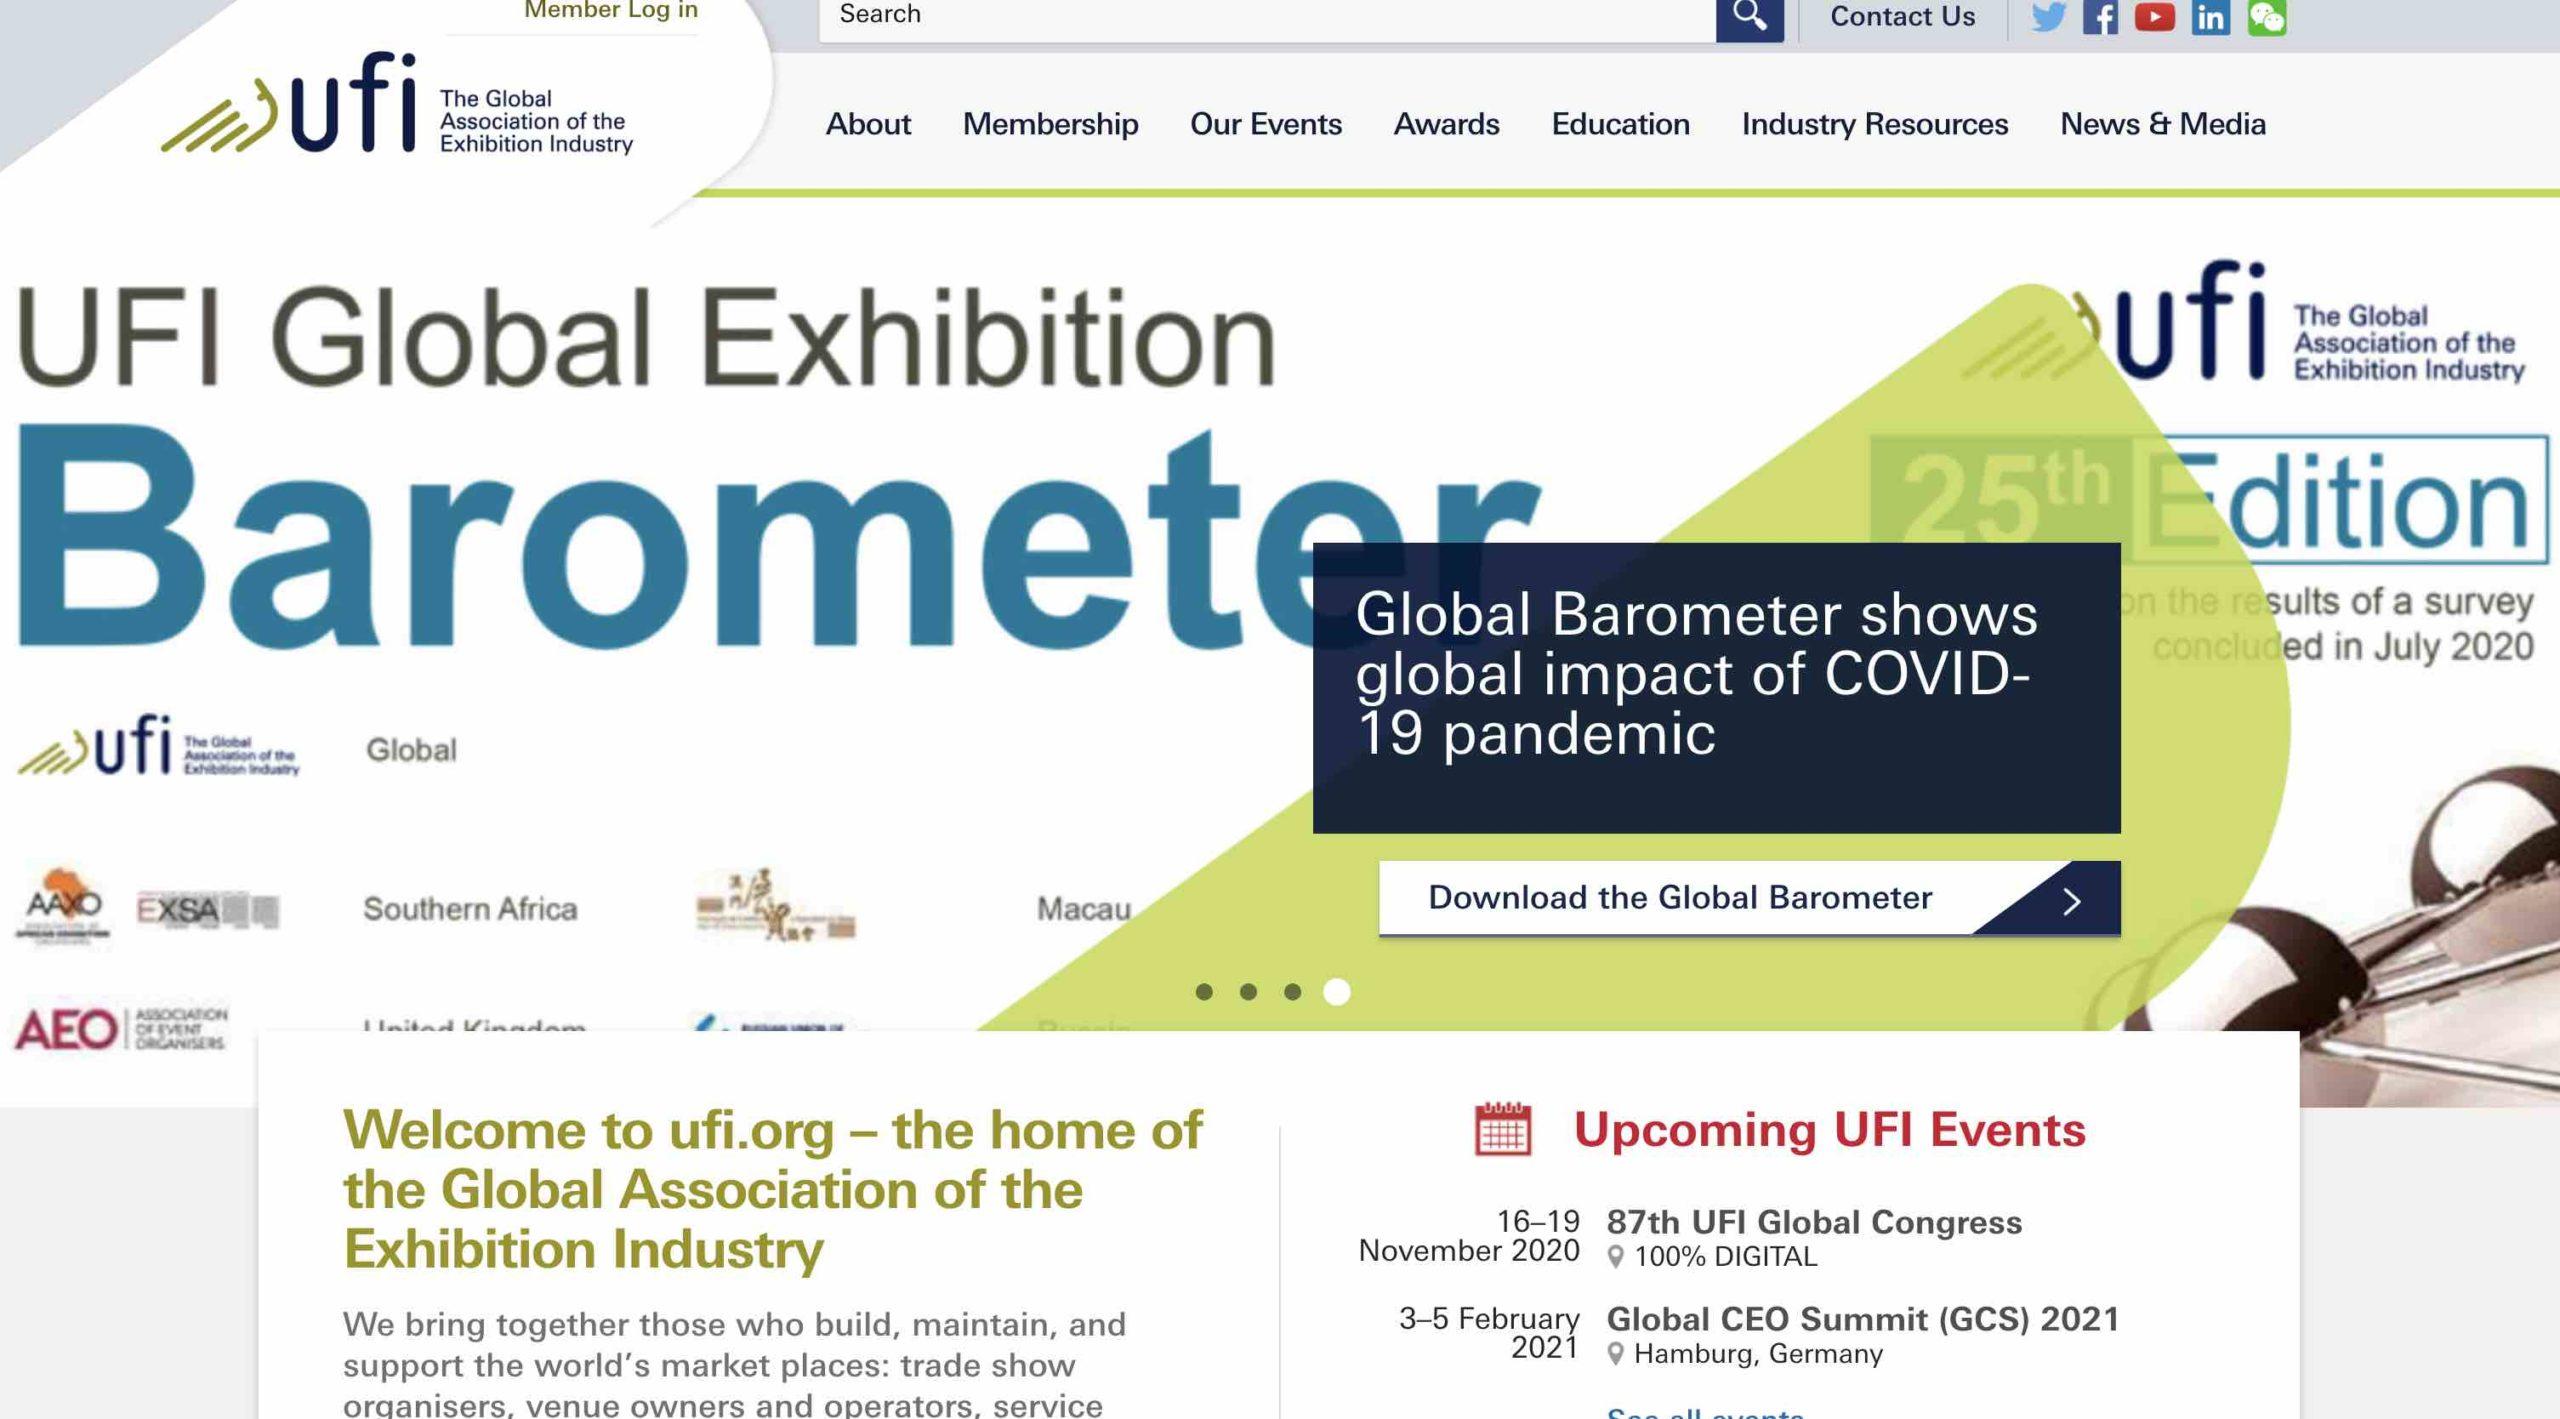 Digitaler UFI Global Congress vom 16. bis 19. November